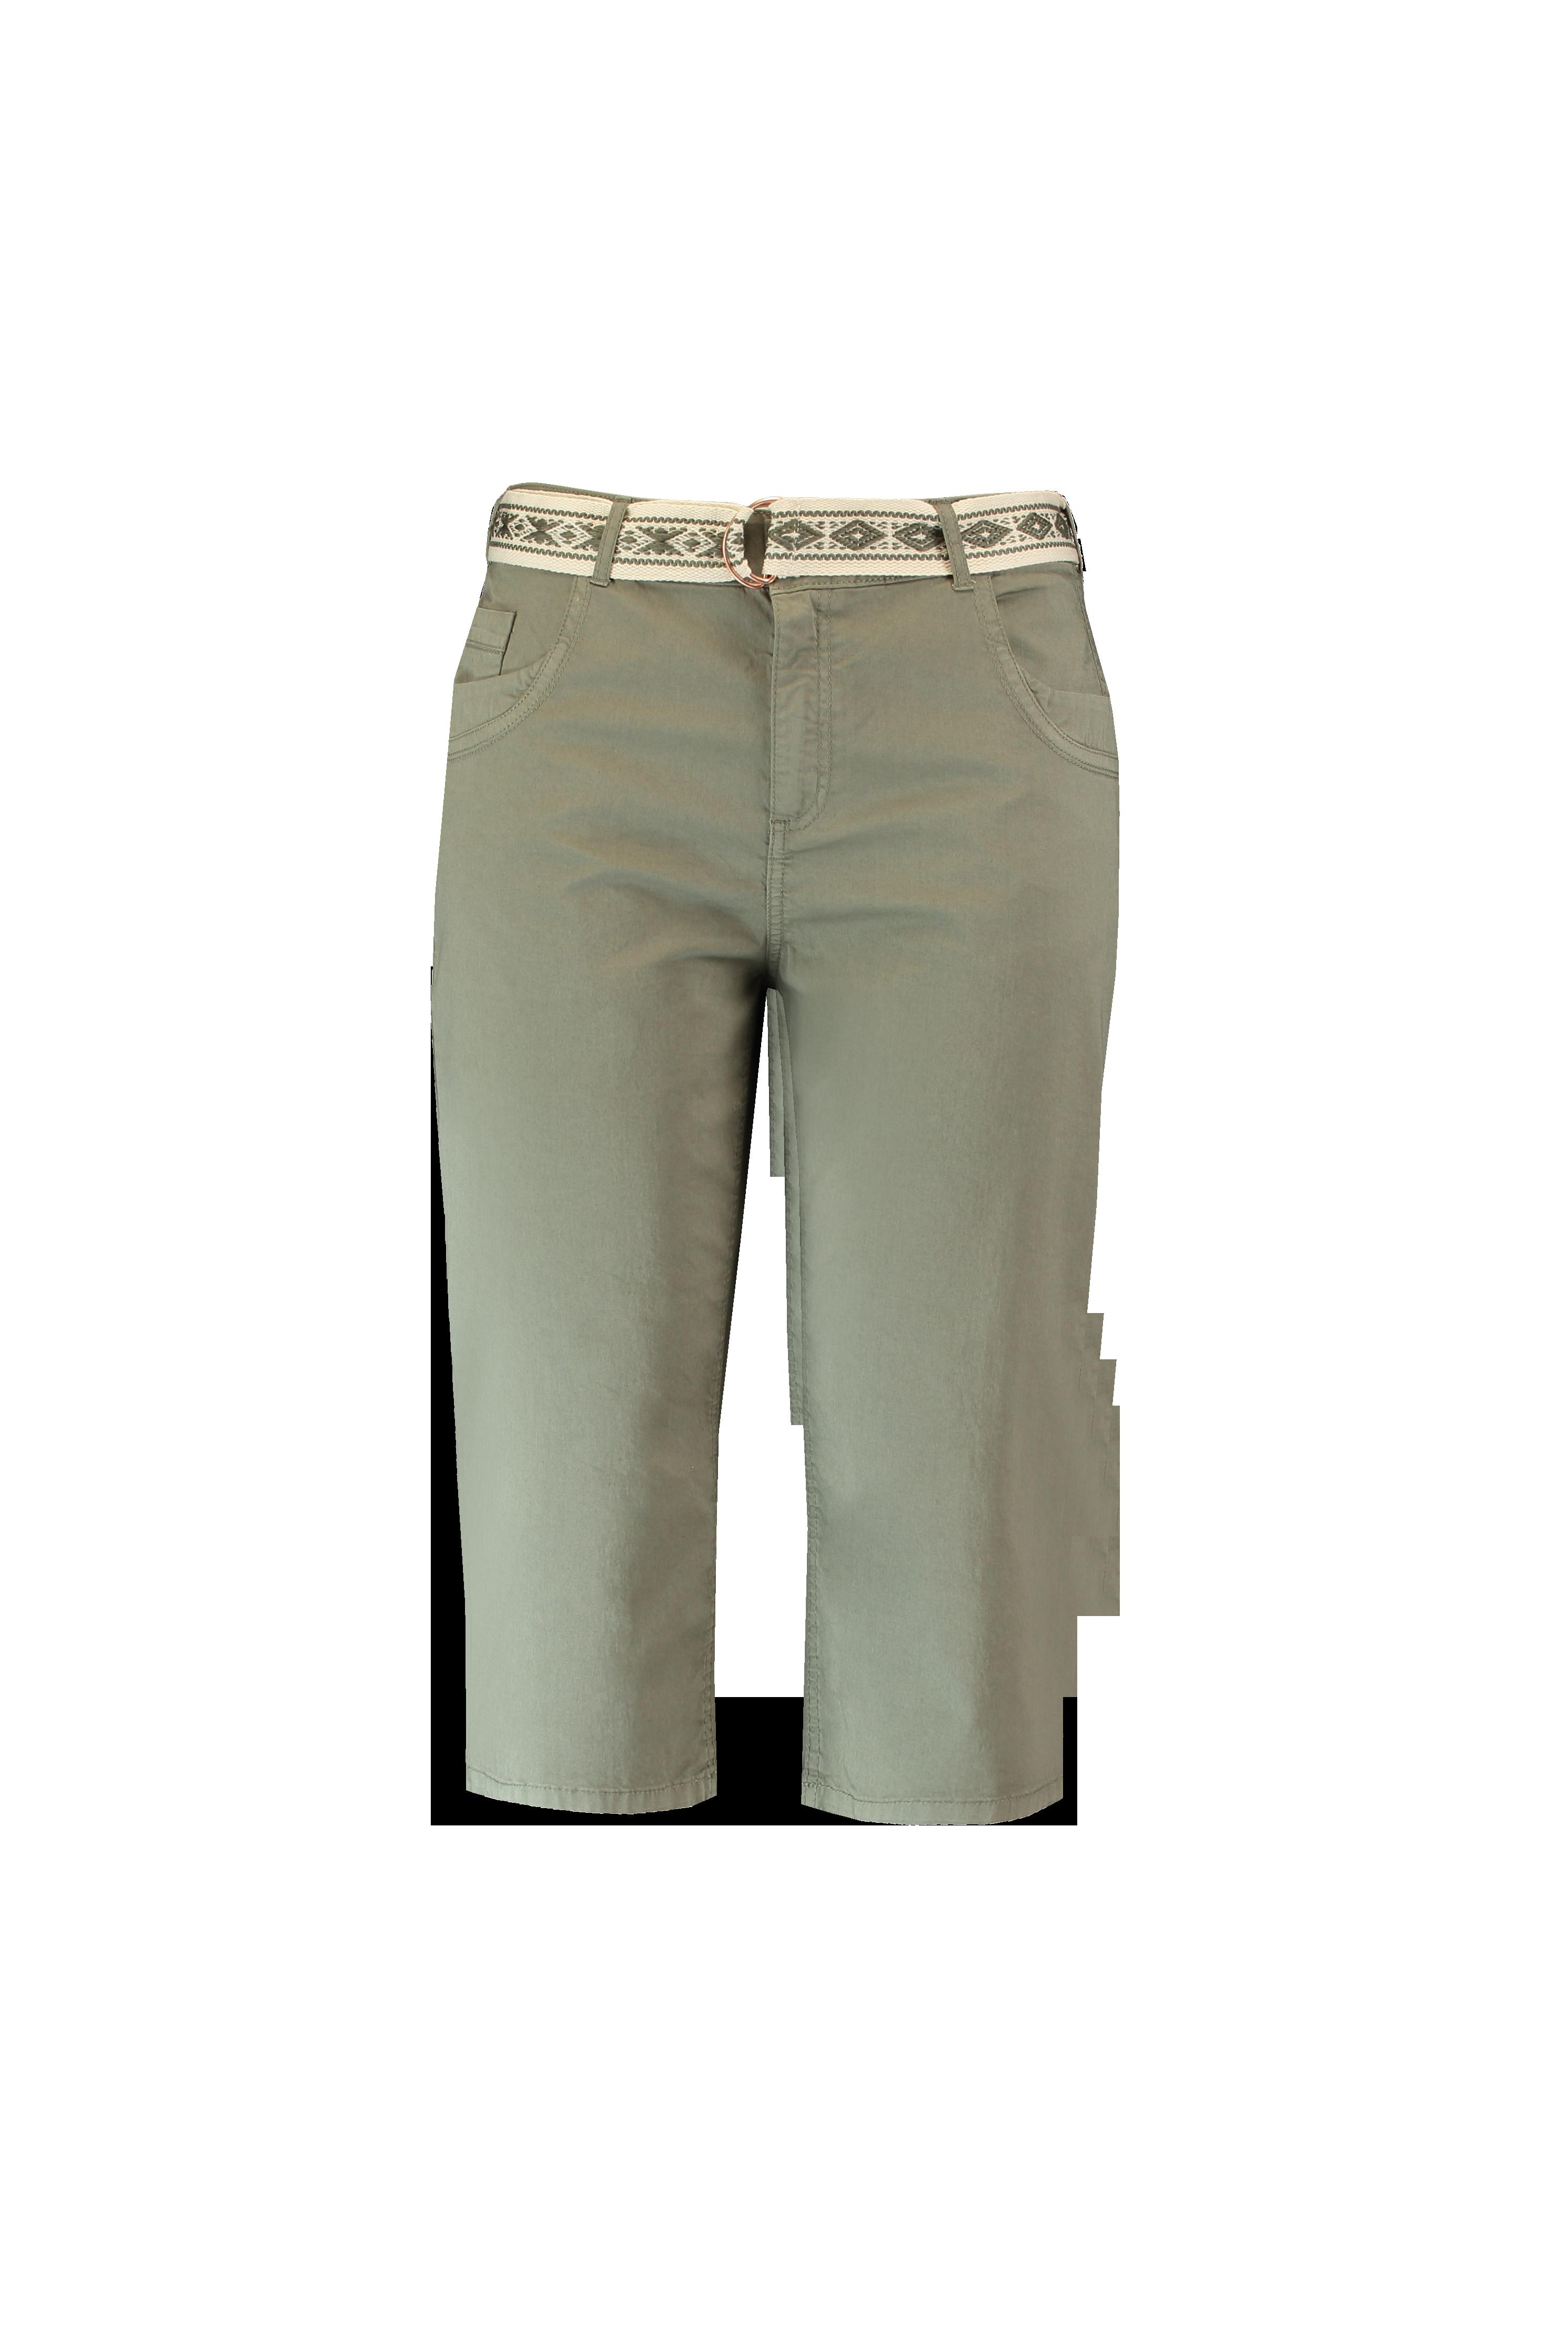 Afbeelding van MS Mode Broeken, Groen